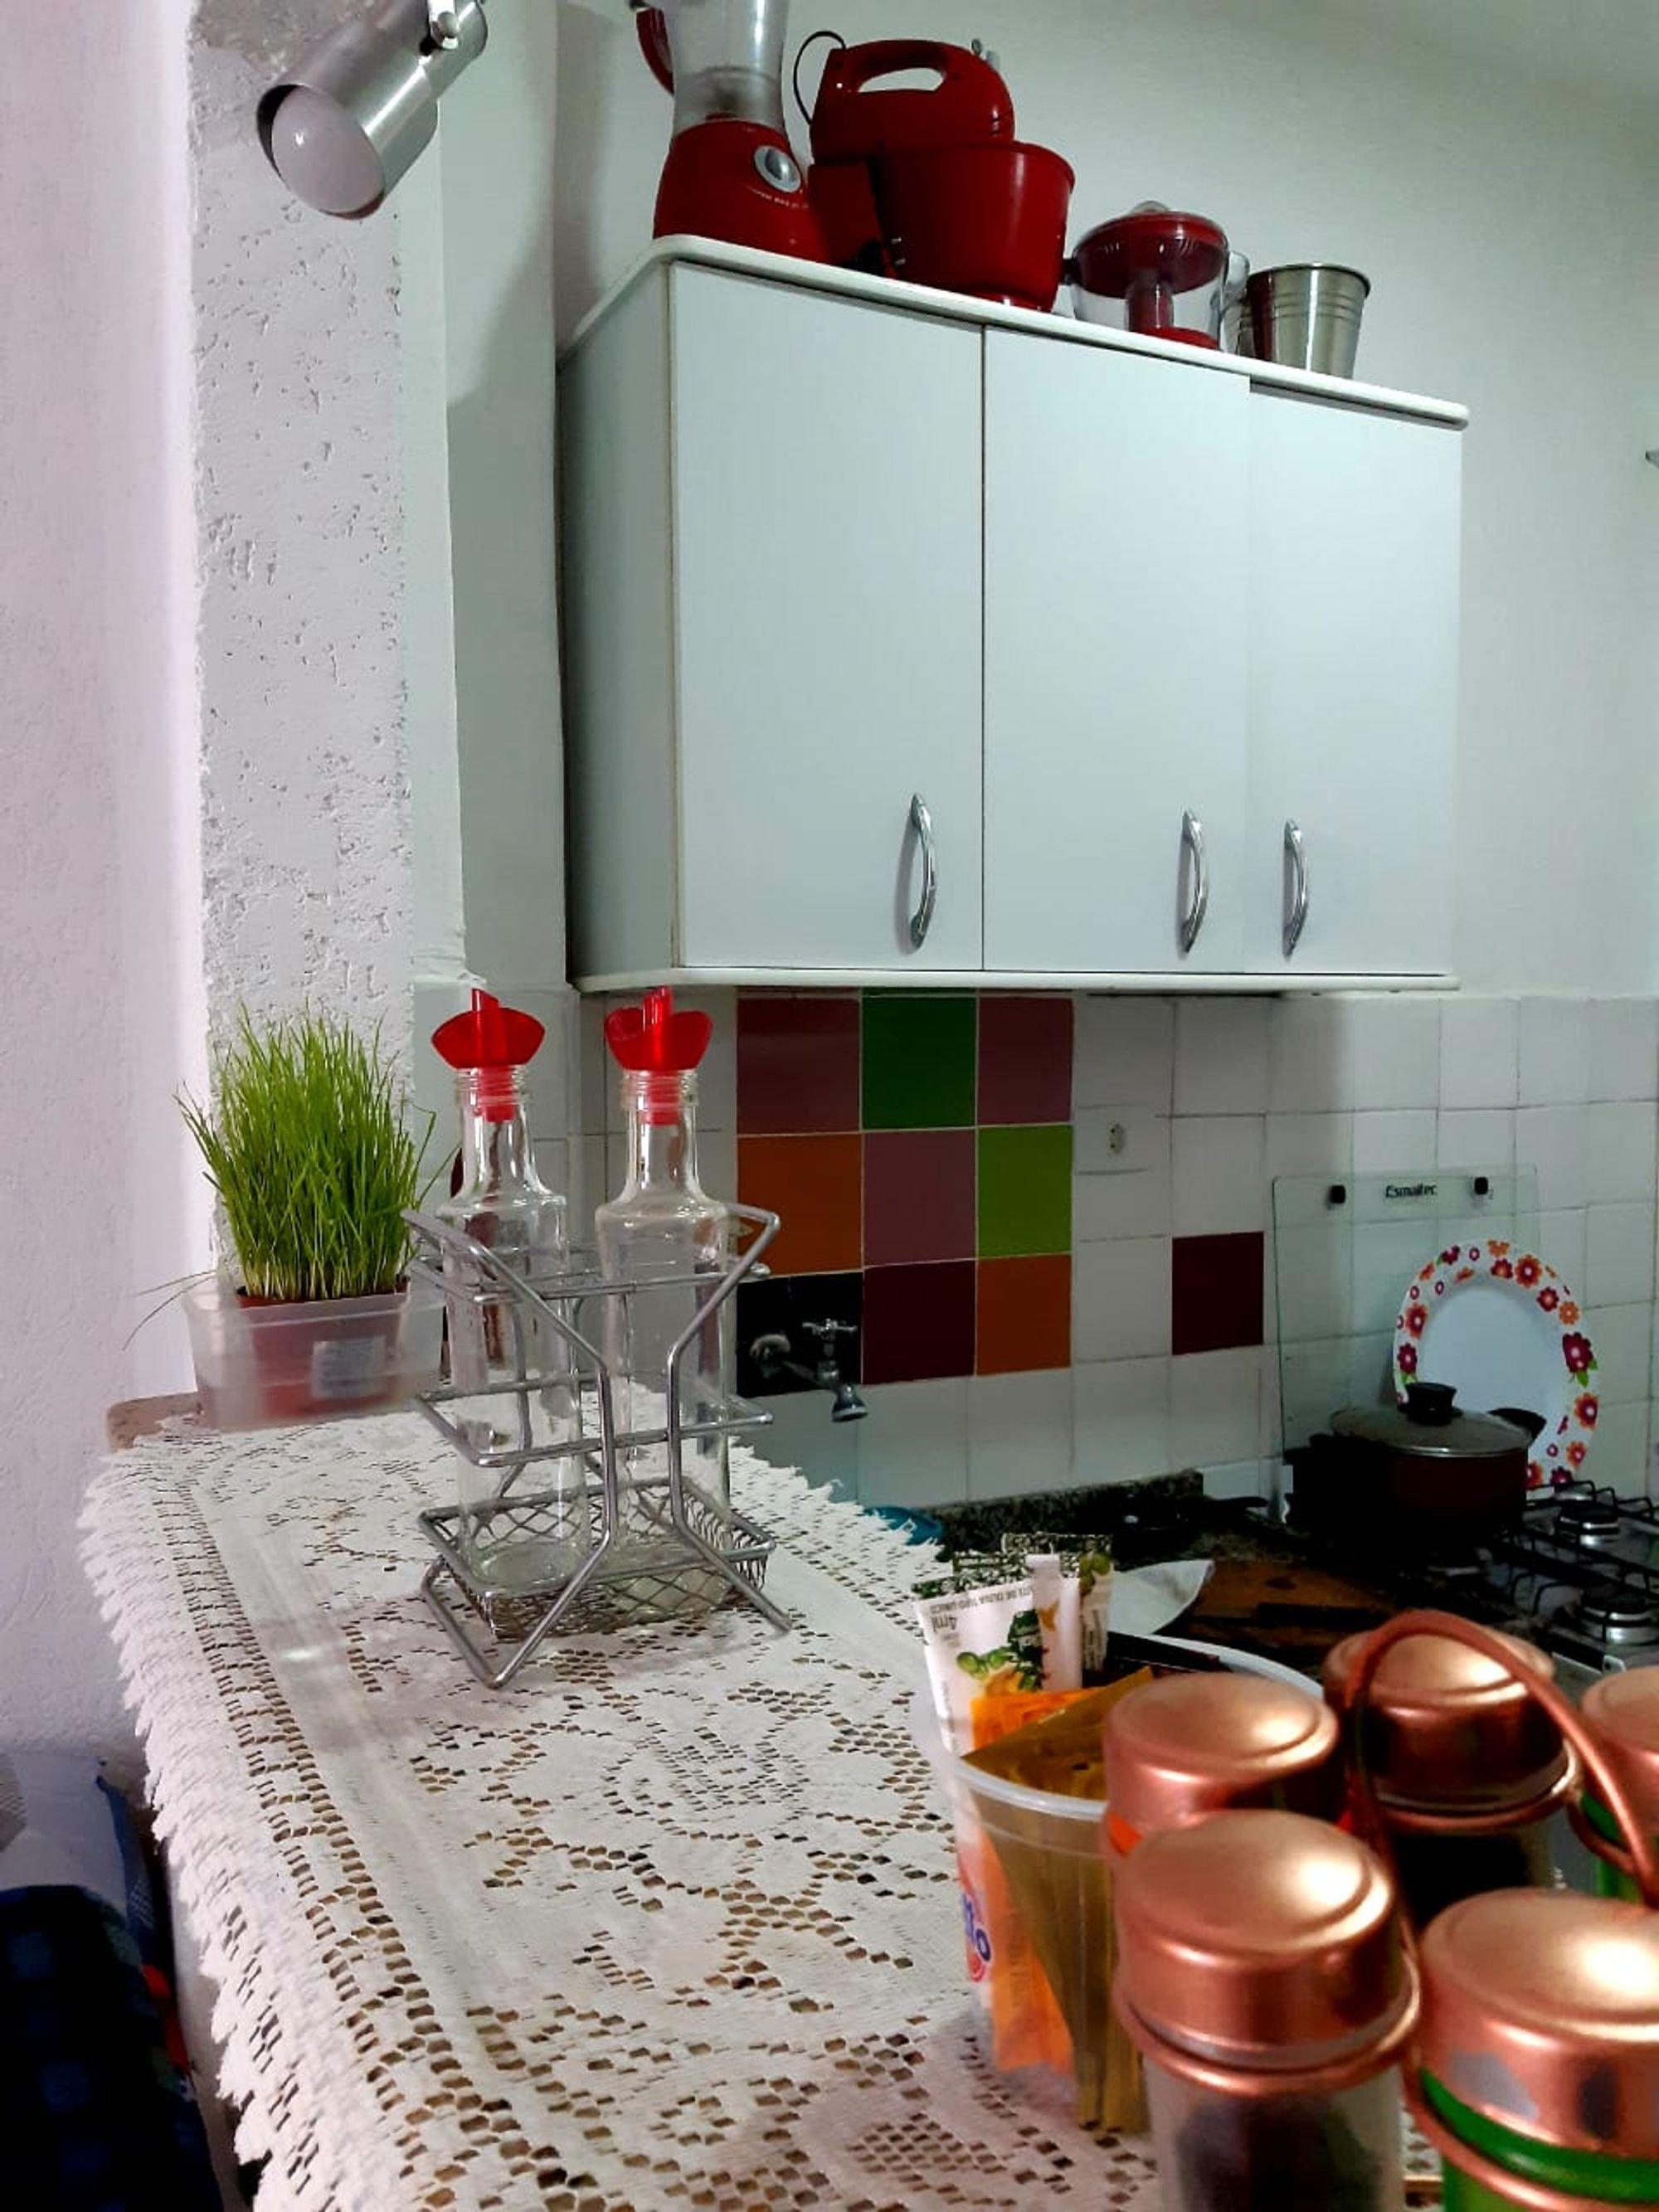 Foto de Cozinha com vaso de planta, tigela